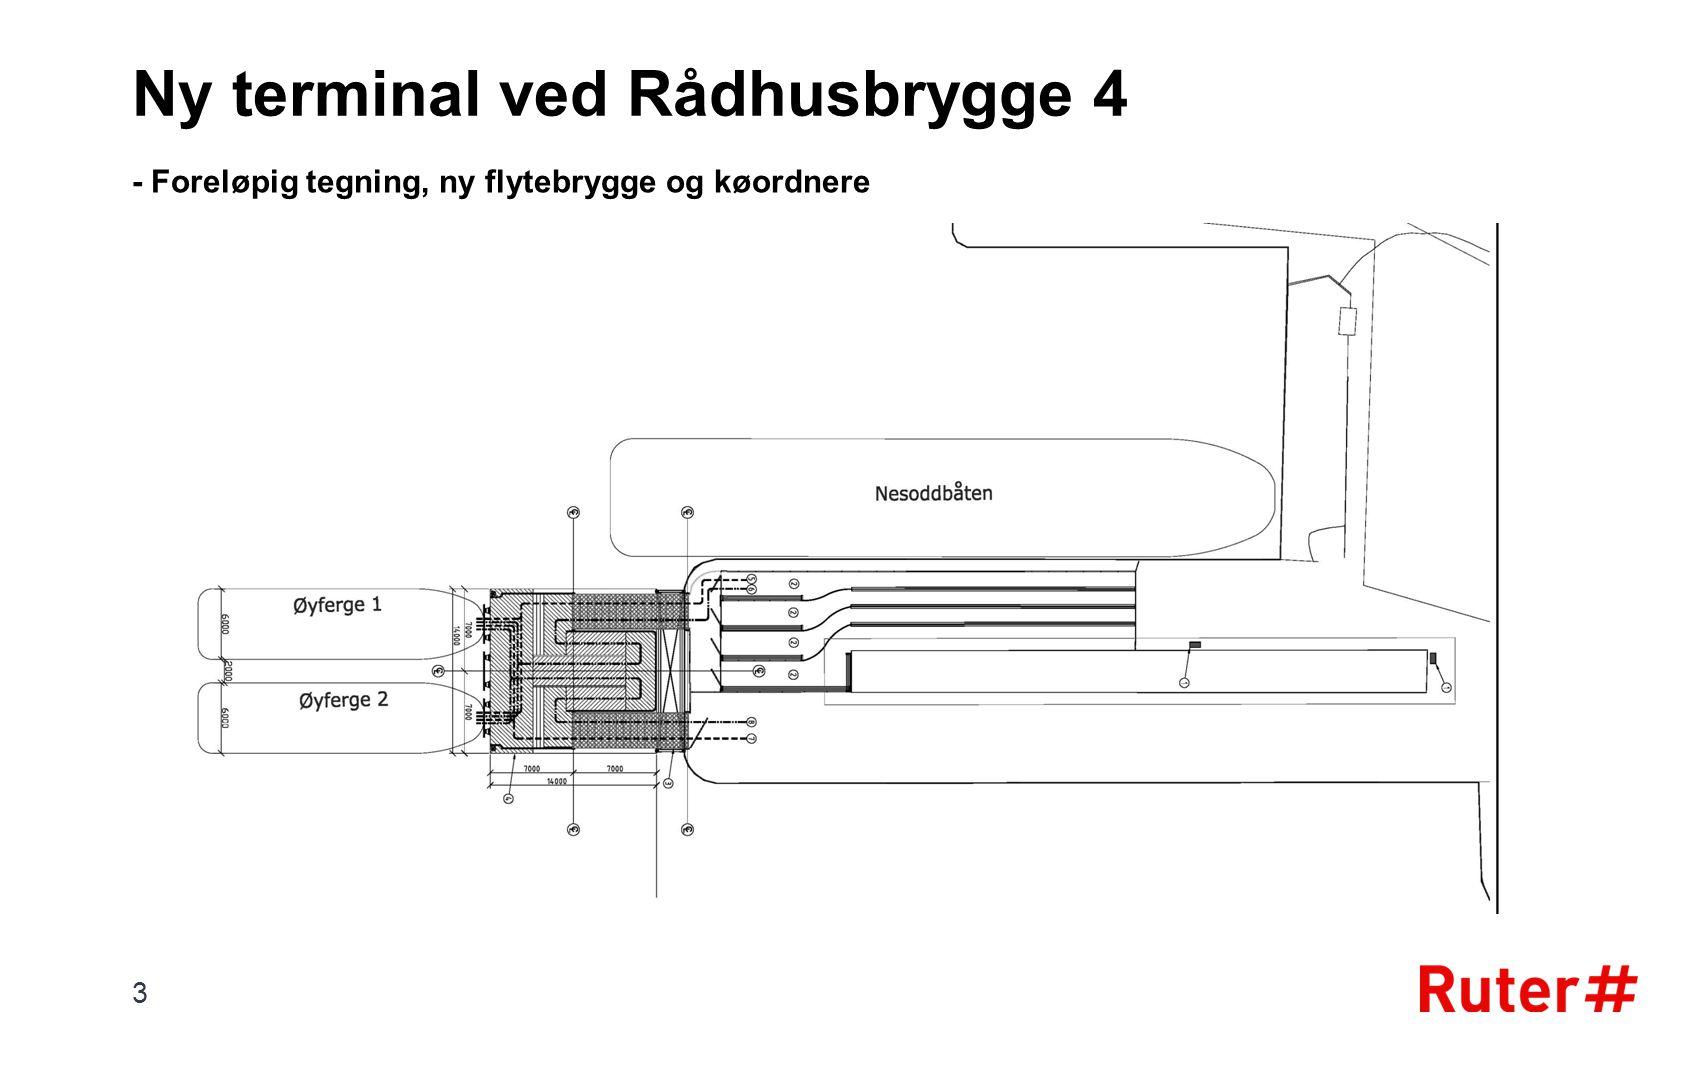 - Foreløpig tegning, ny flytebrygge og køordnere